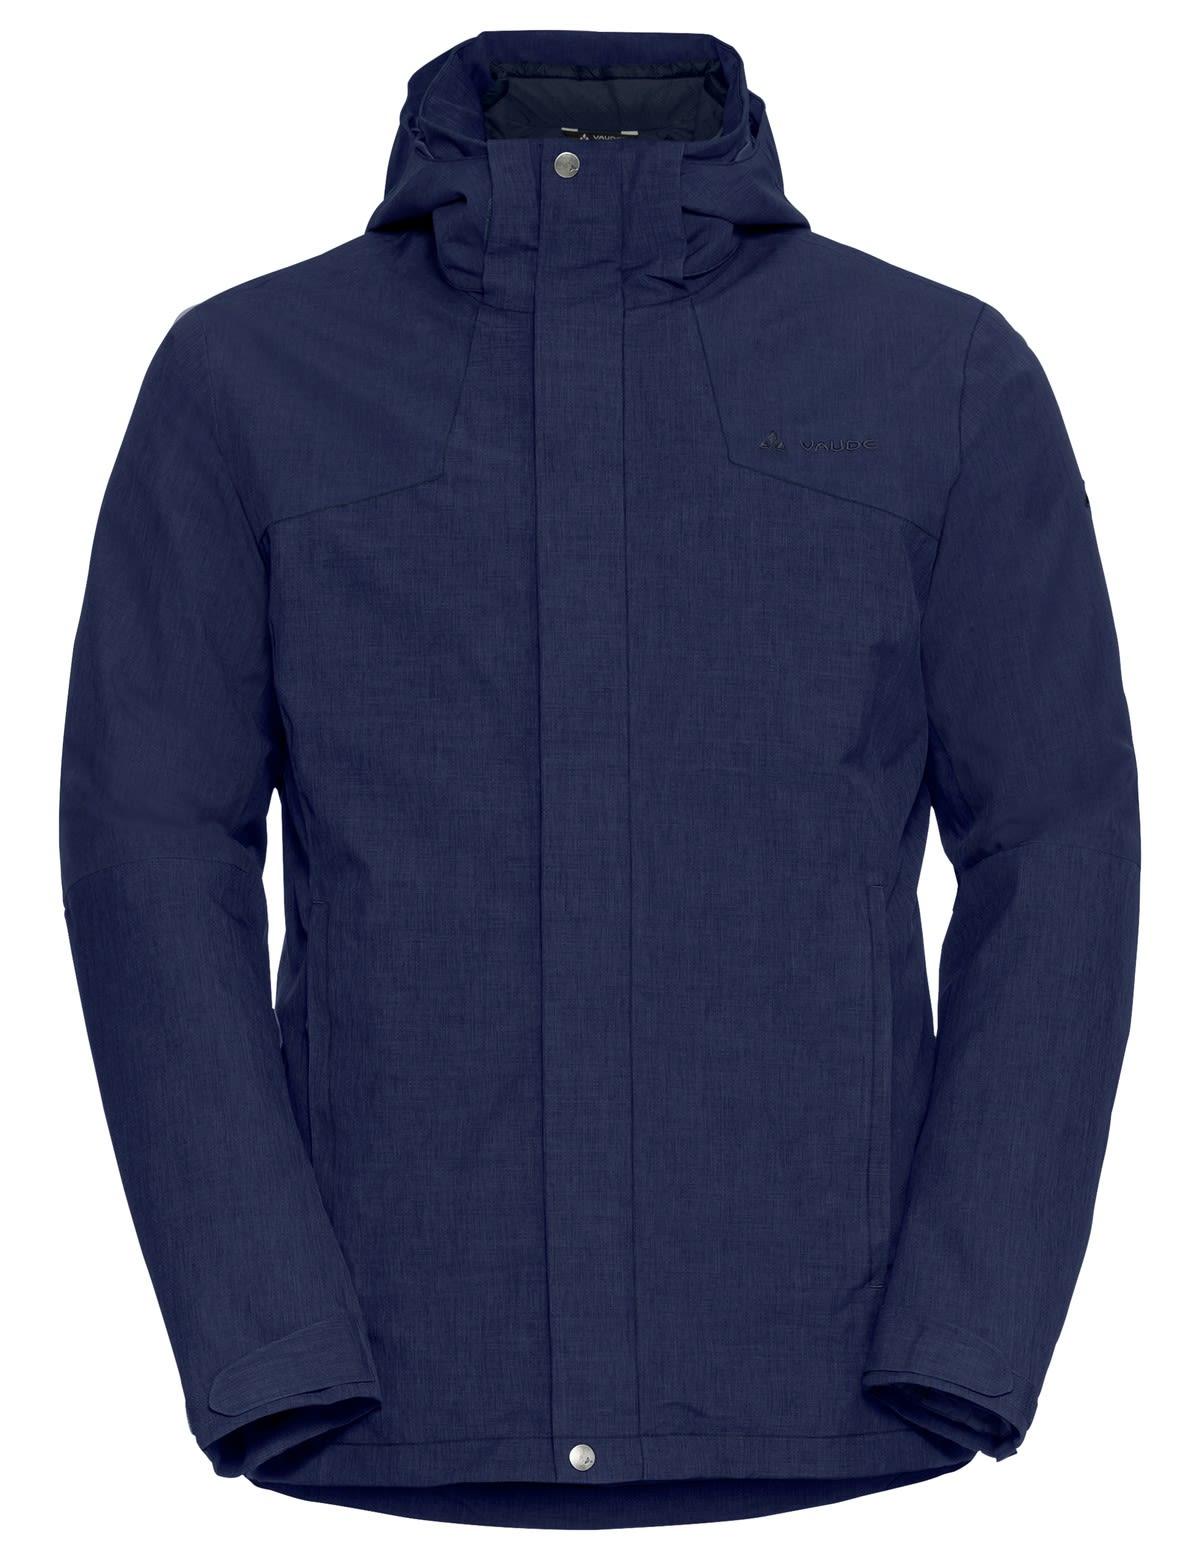 Vaude Mens Caserina 3in1 Jacket | Herren Doppeljacke / 3-in-1-Jacke